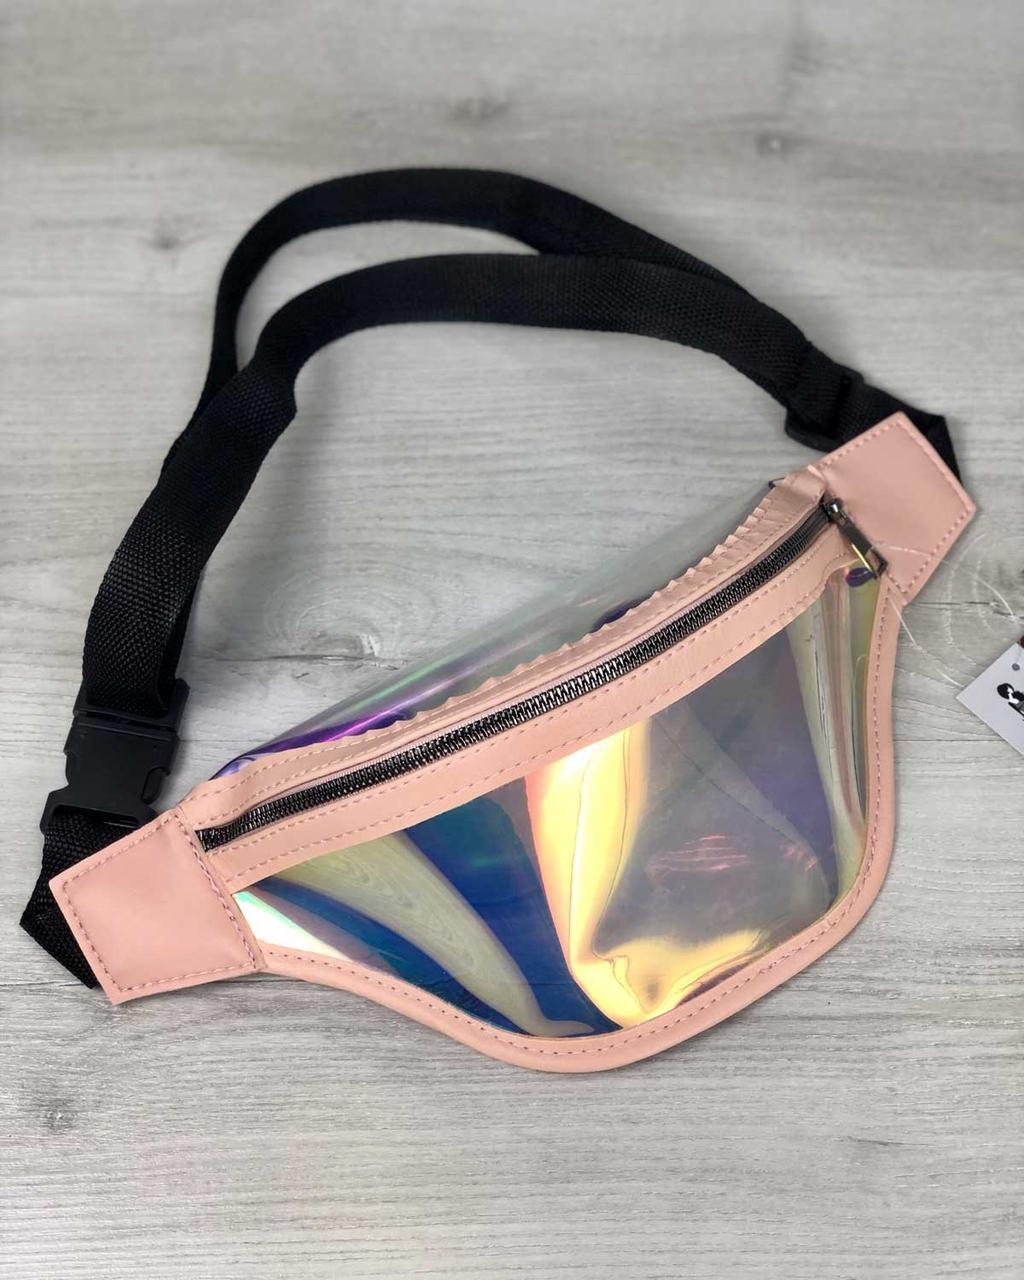 Женская сумка бананка через плечо лето перламутровый силикон пудра (полупрозрачная), стильная женская сумочка